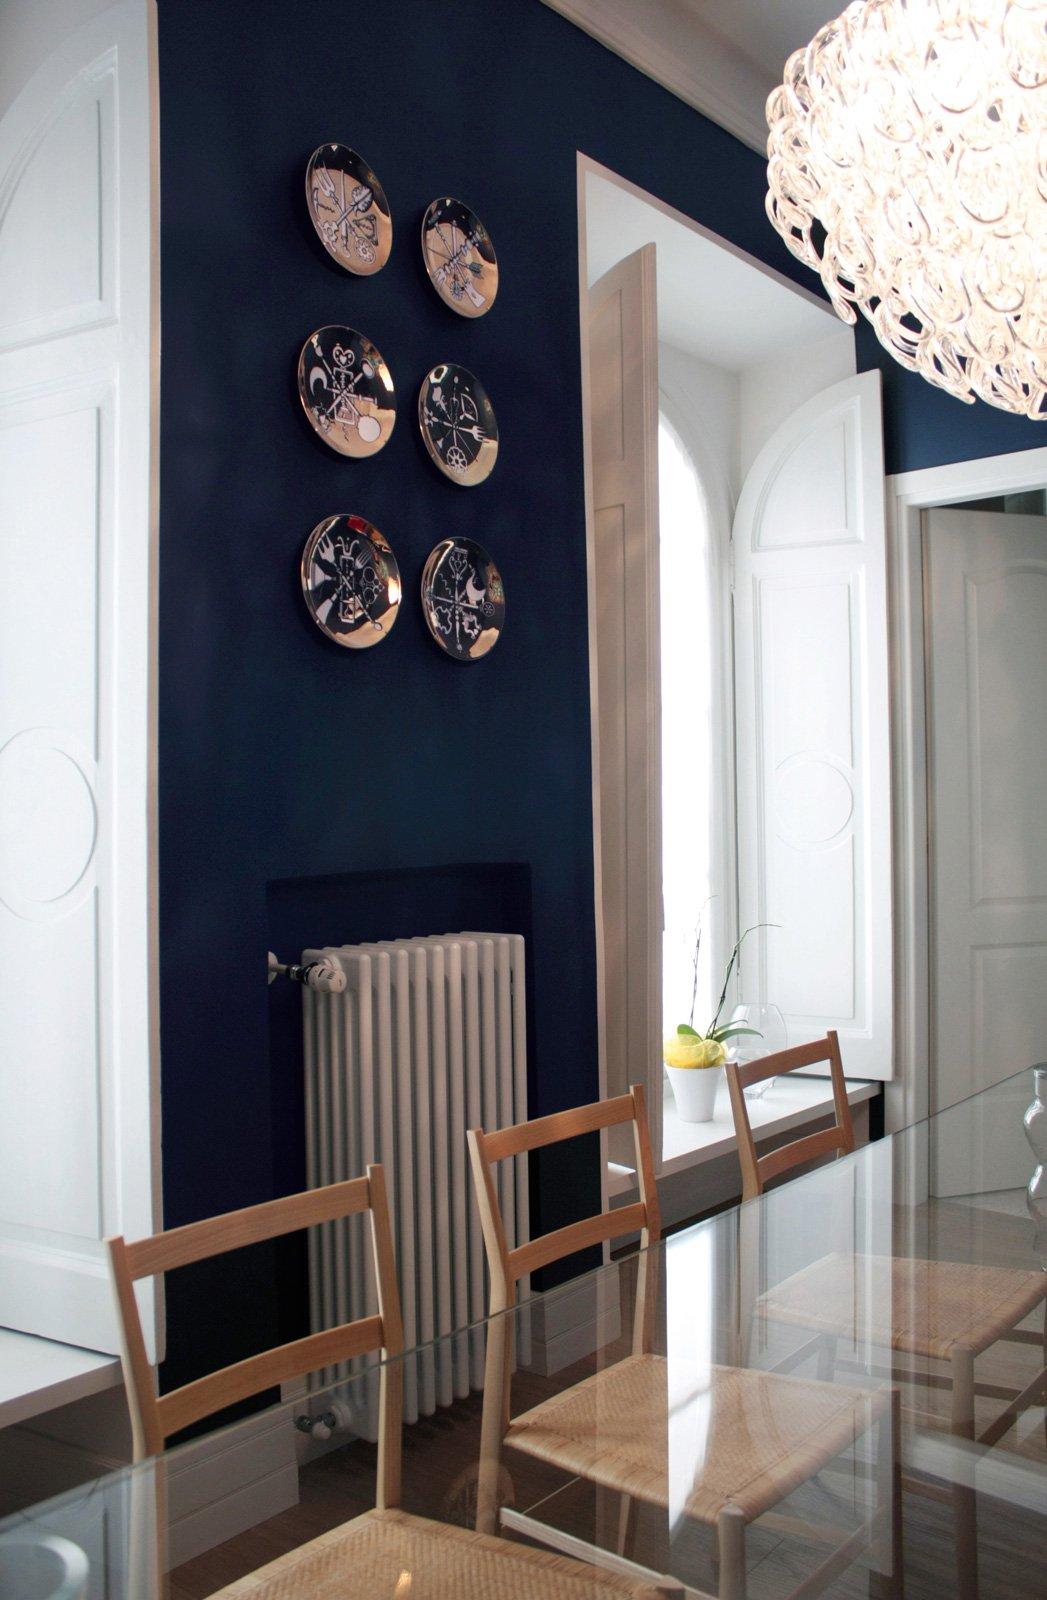 Grigliati per balconi in pvc - Decorare le pareti ...